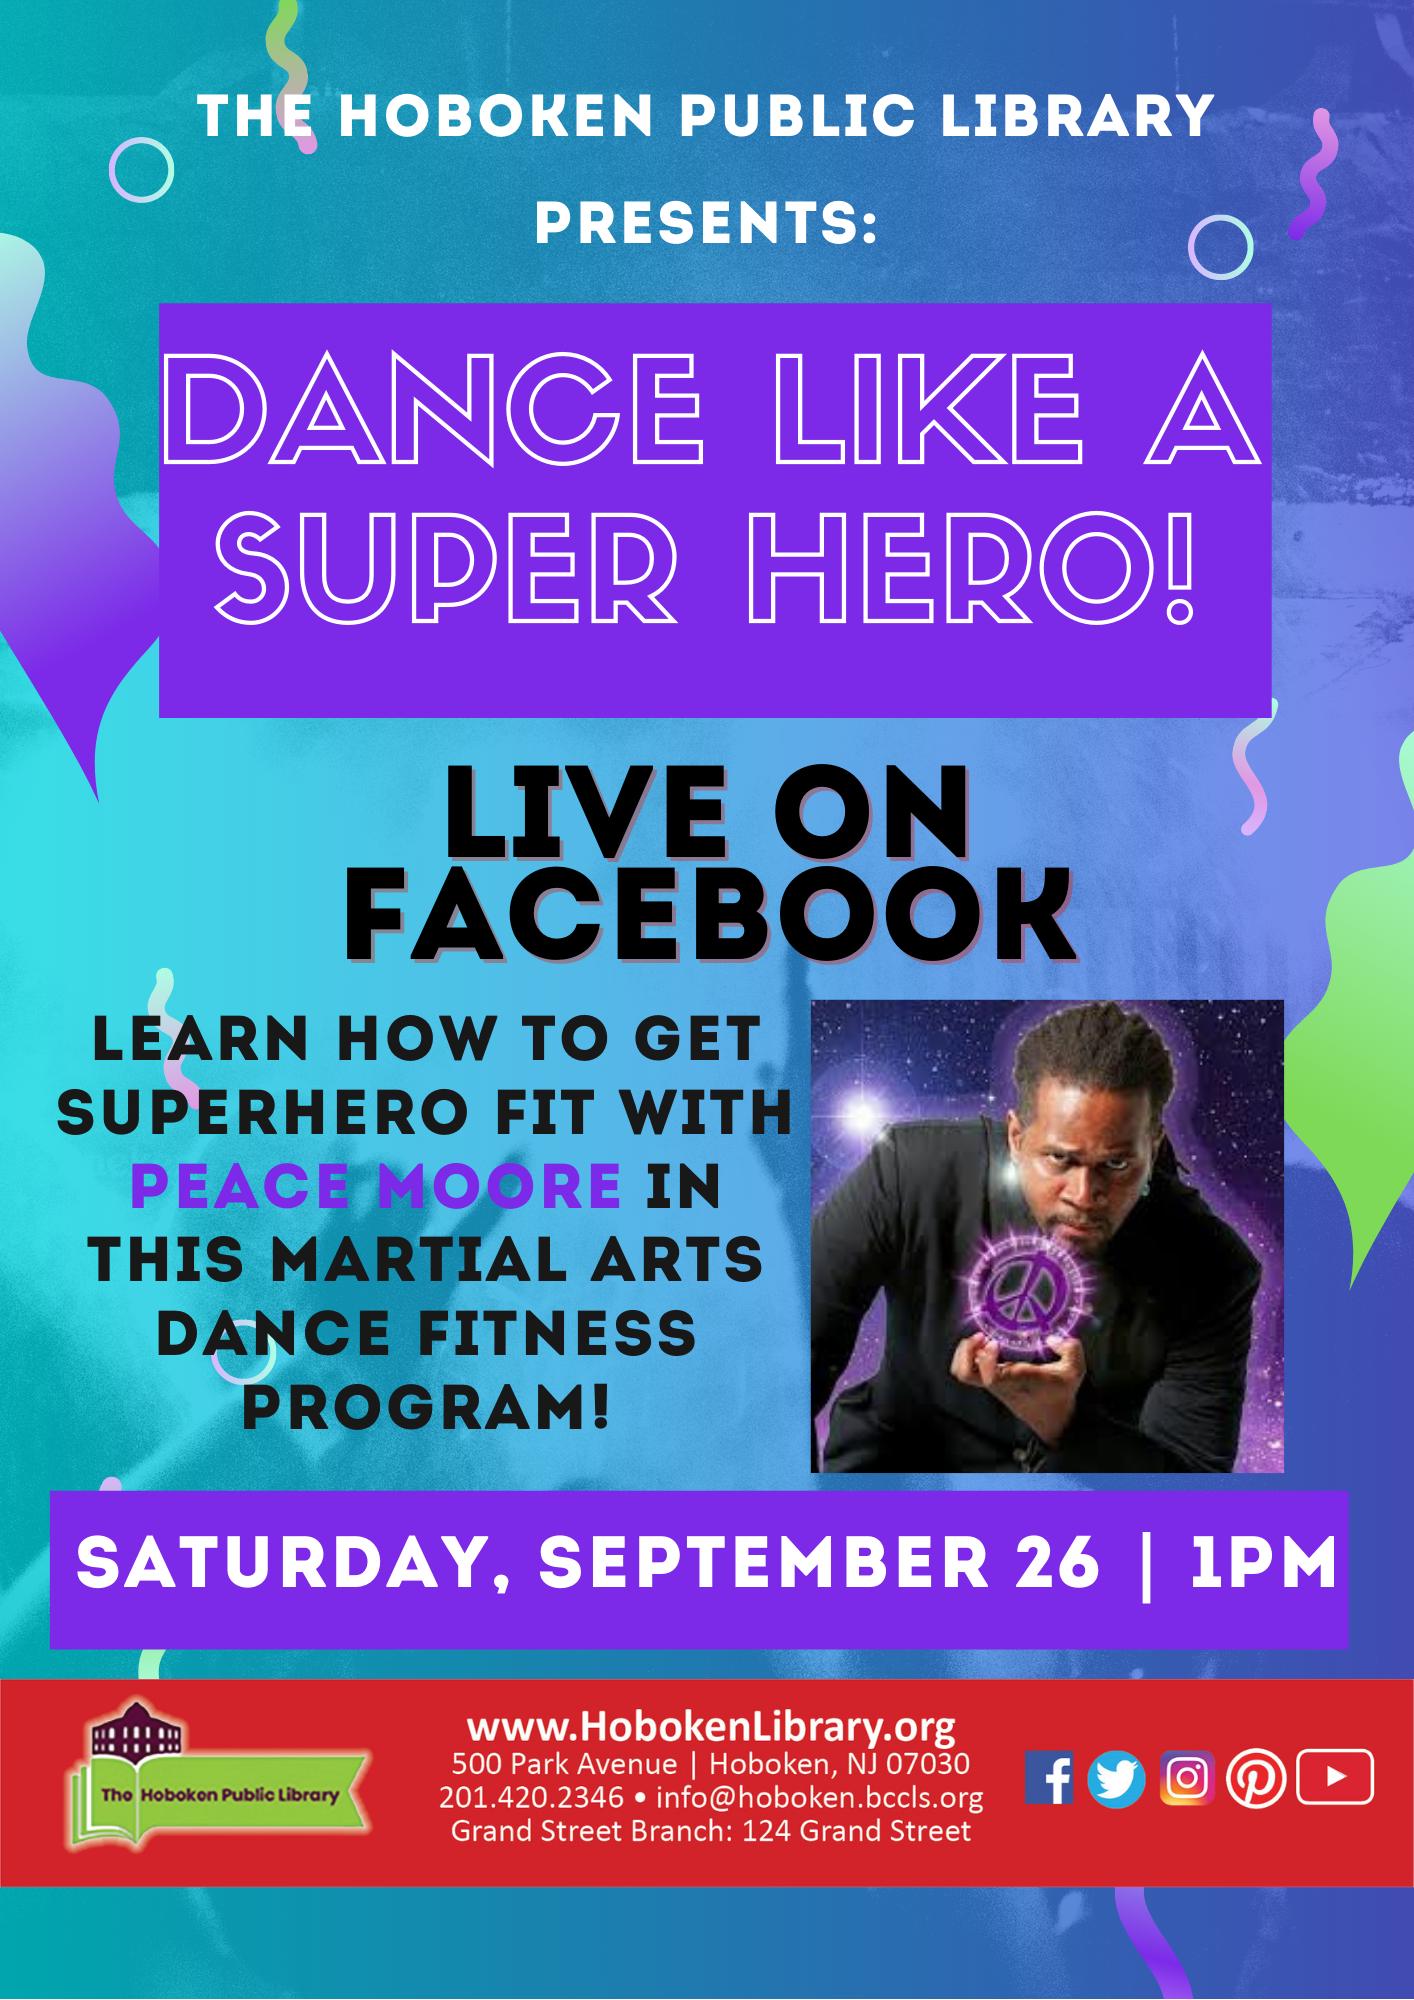 Dance Like a SuperHero Workshop - Live on Facebook!